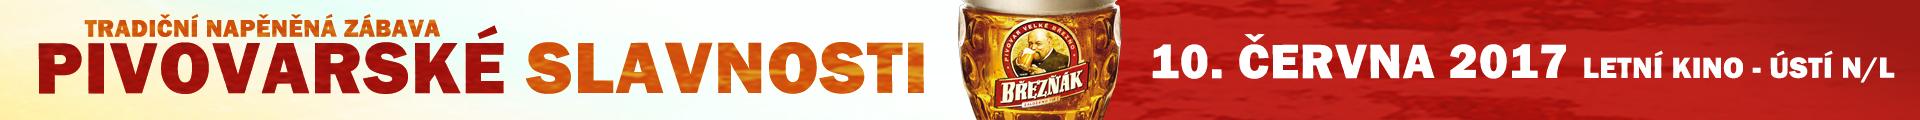 pivovarske-slavnosti